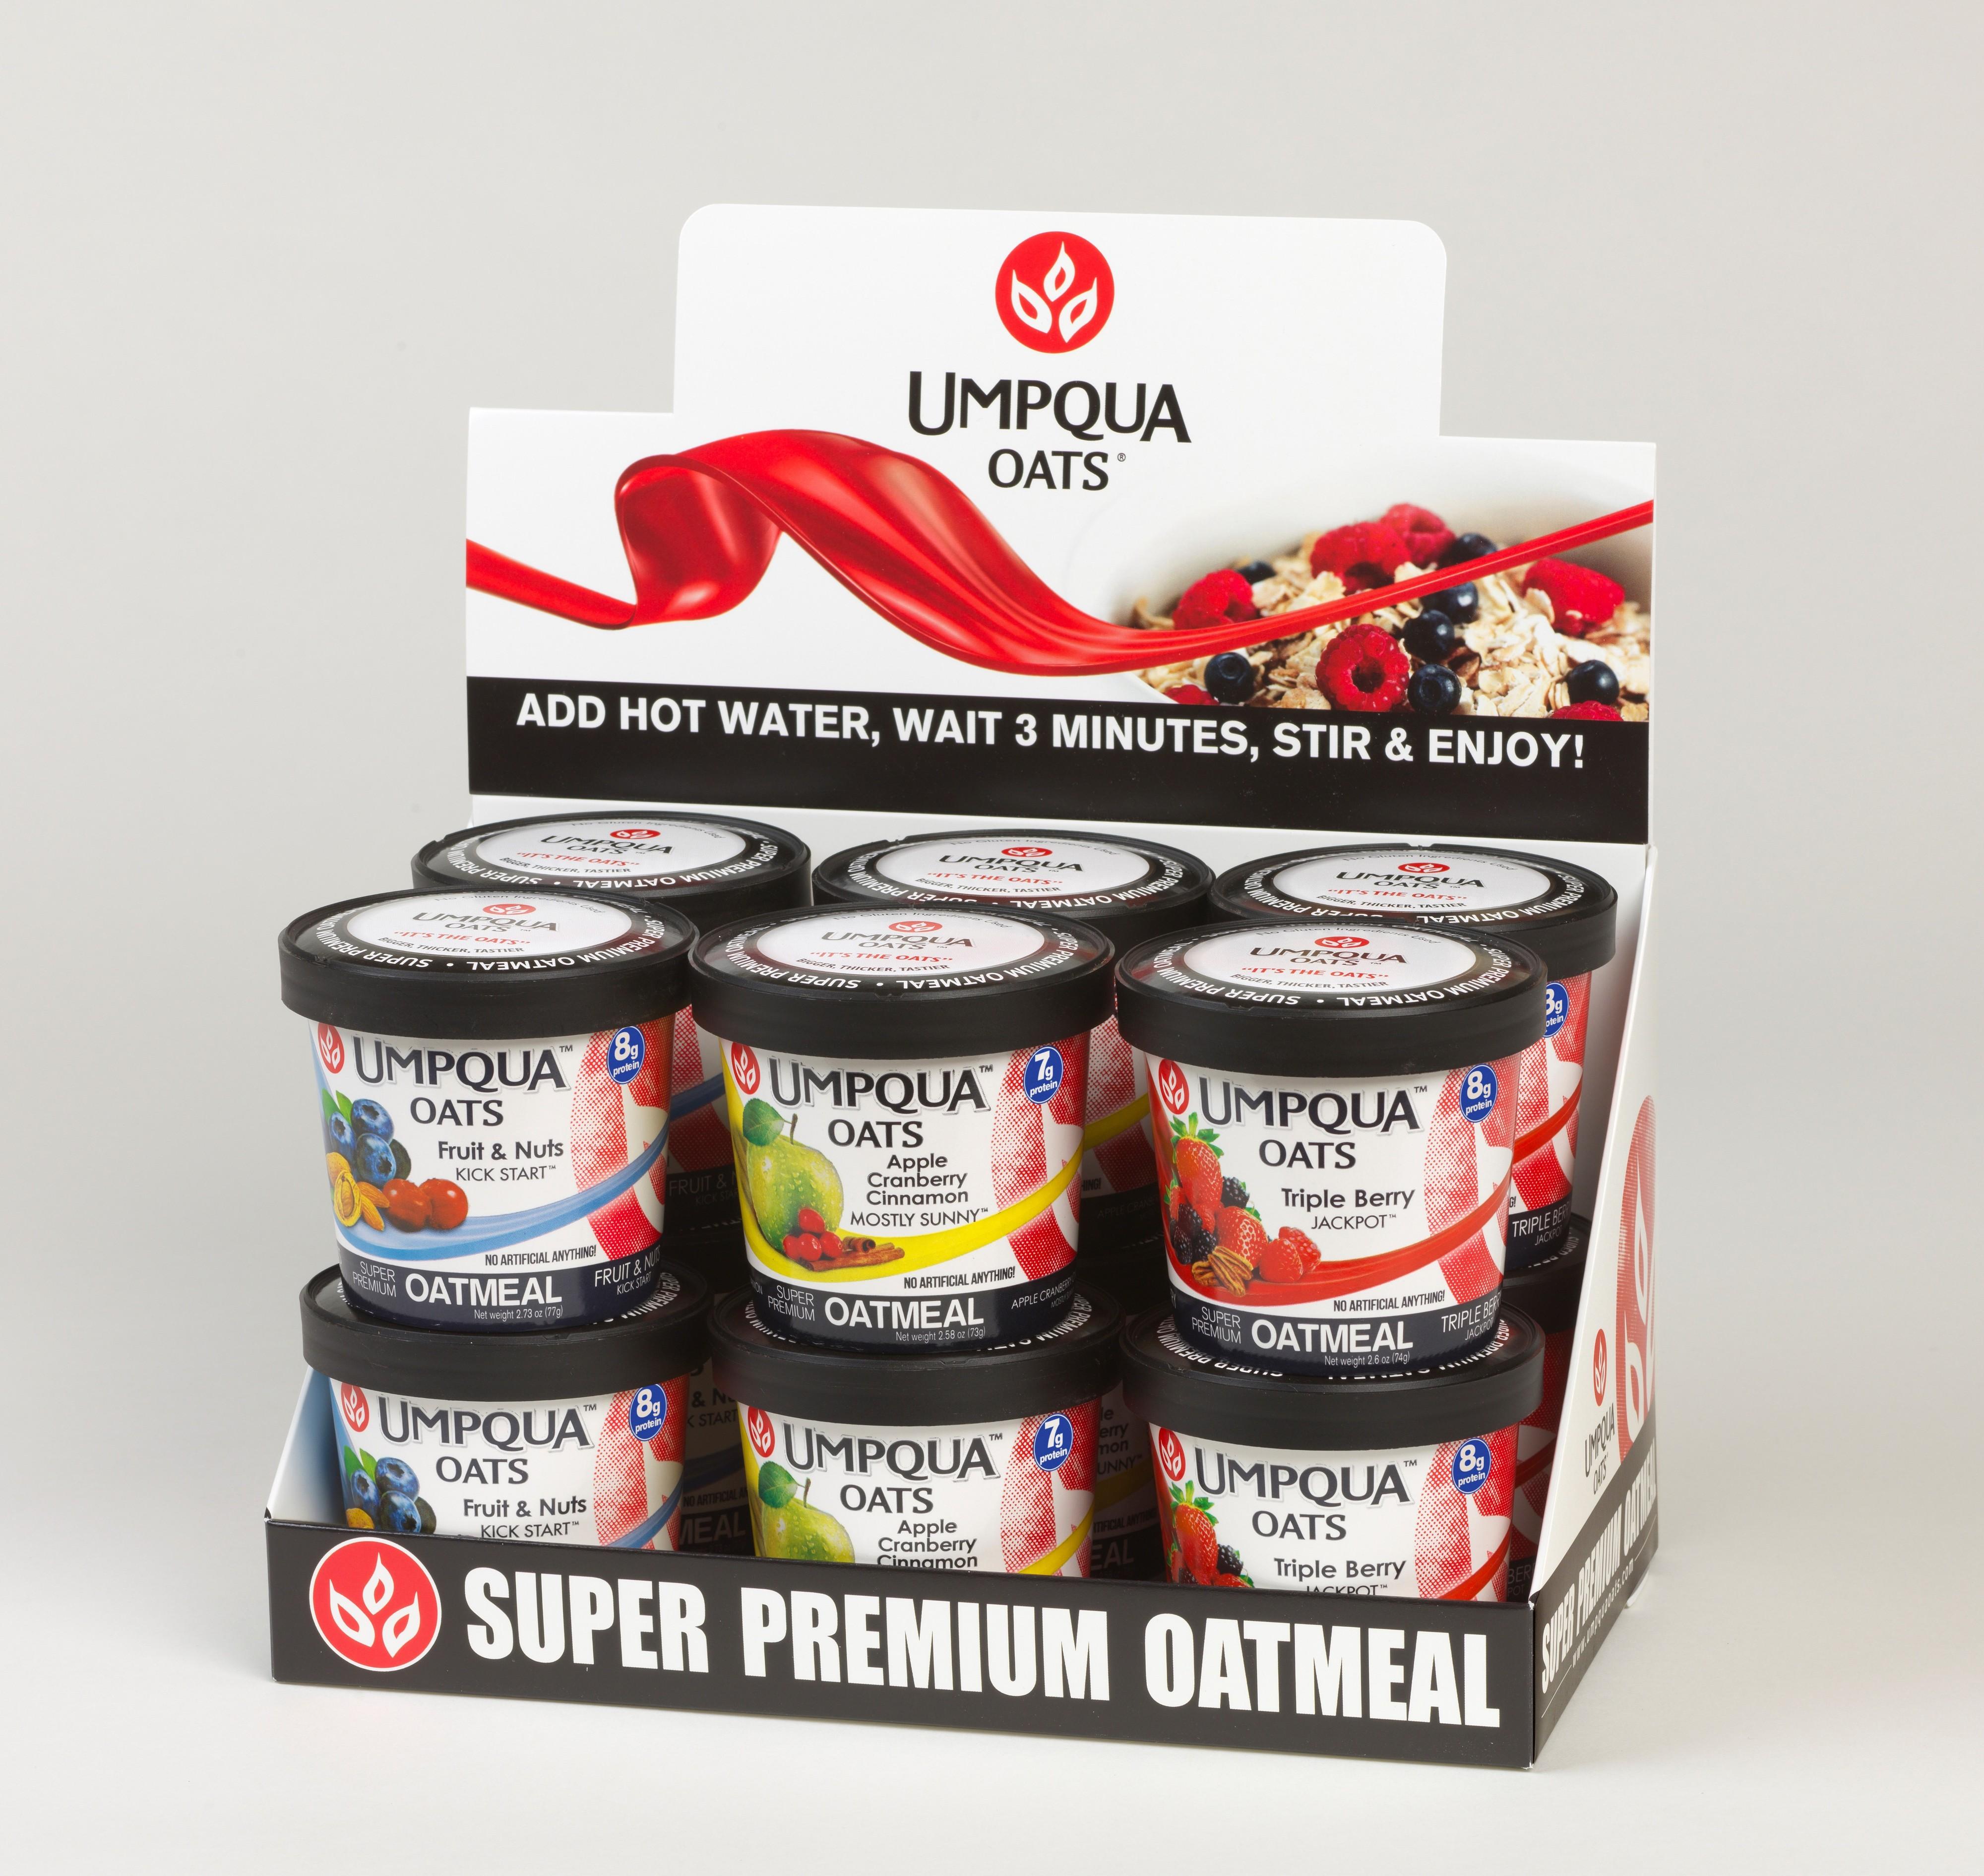 Umpqua Oats (8-pack)